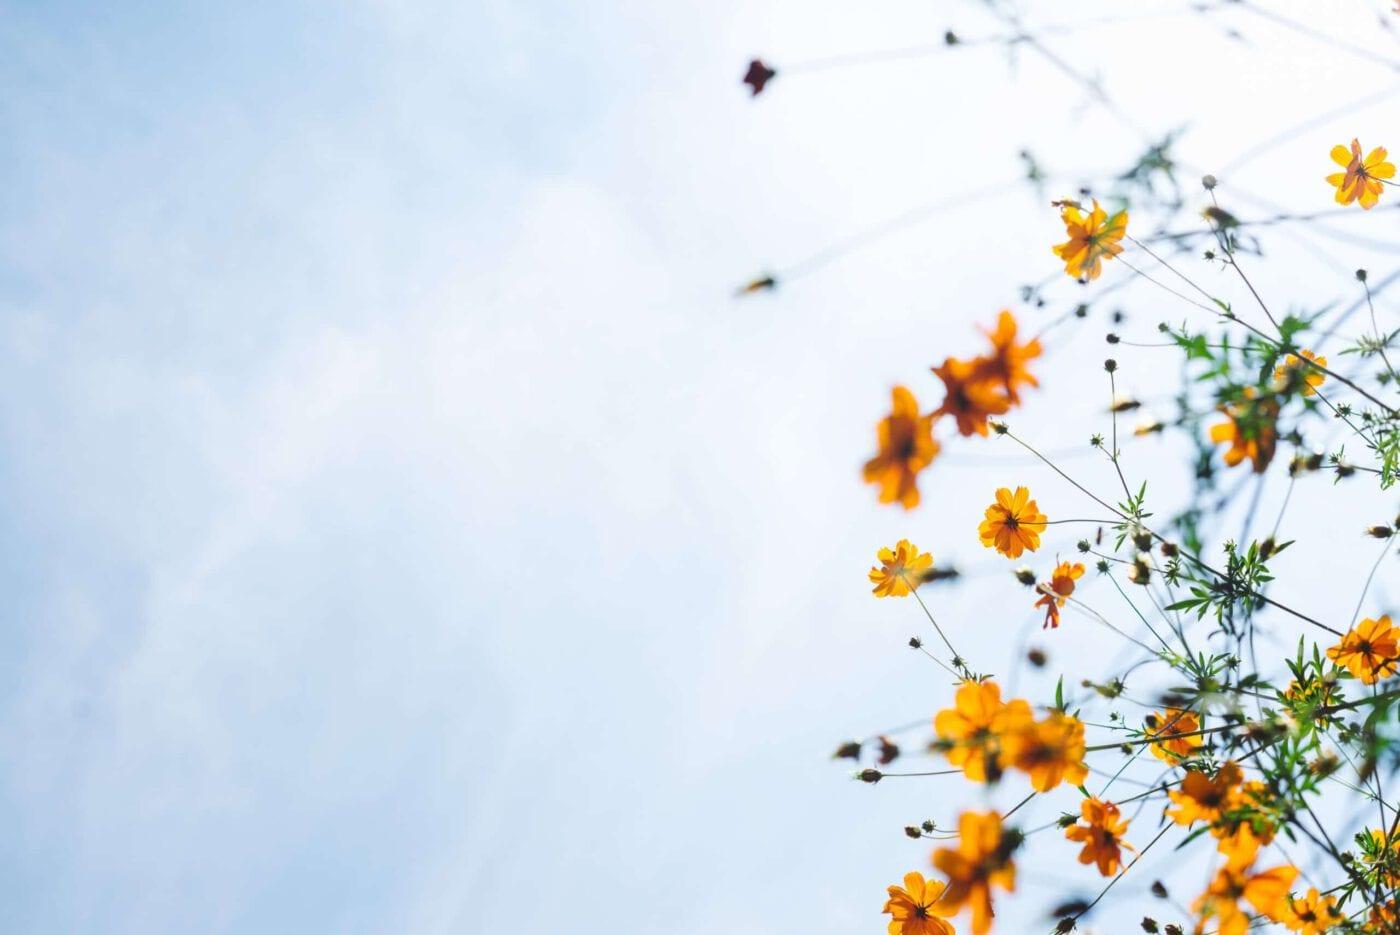 Mit MyMonk zu mehr Ruhe, Glück und Achtsamkeit